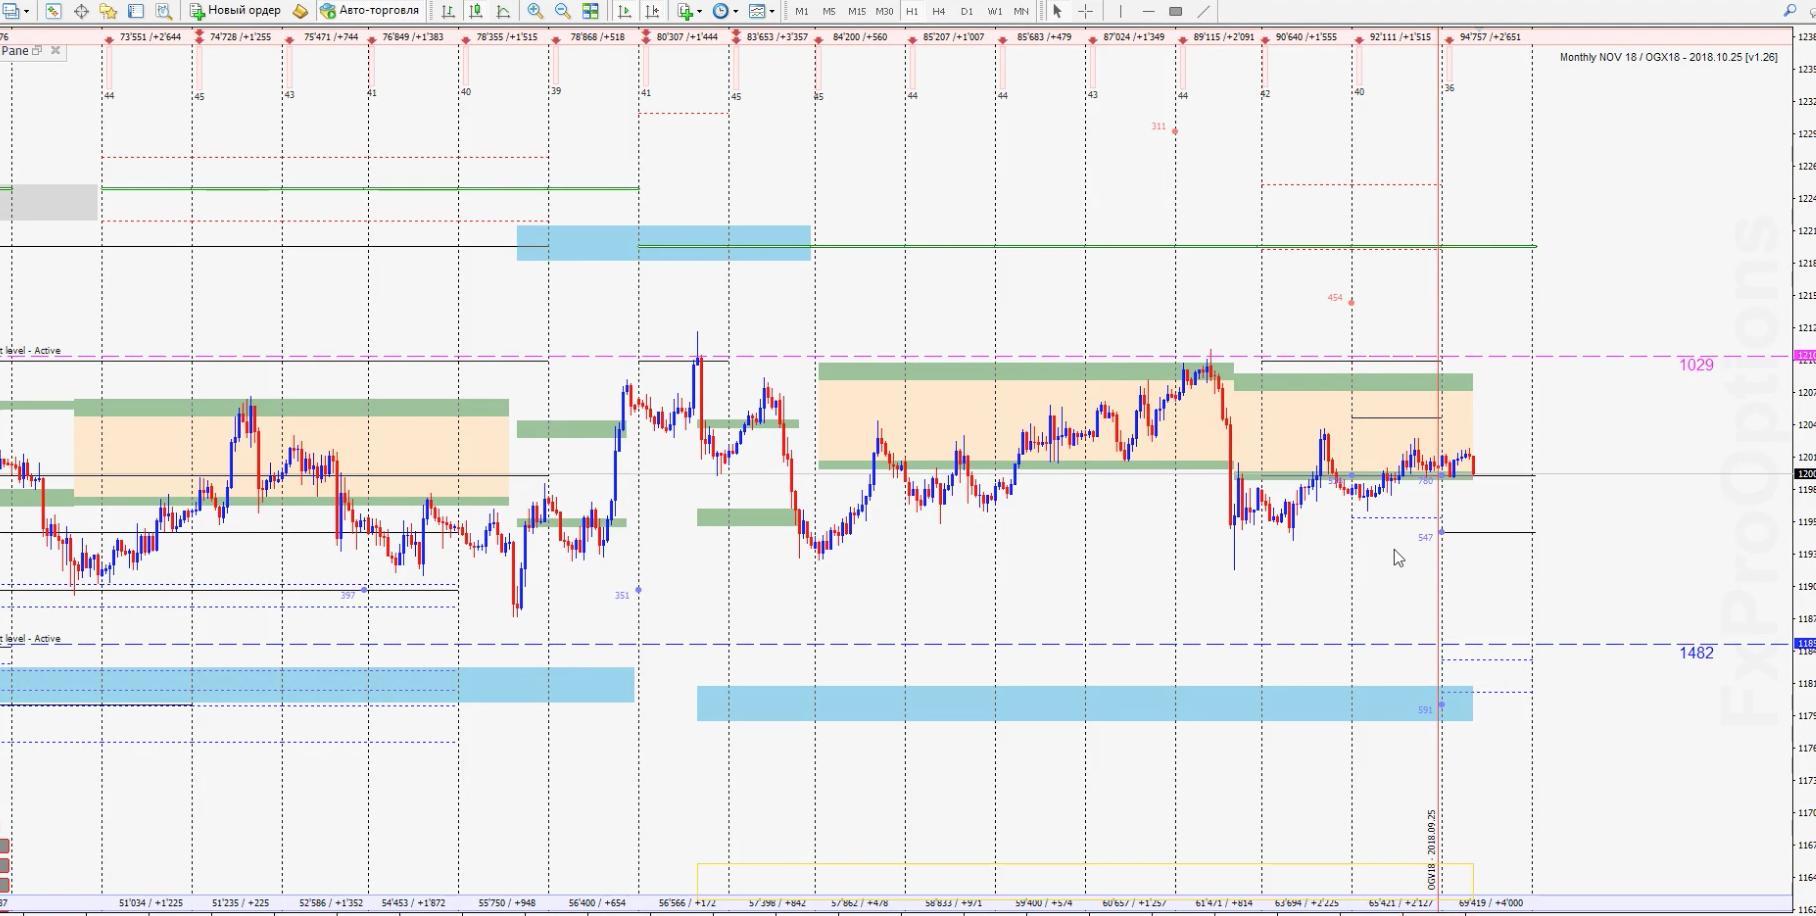 Опционный анализ рынка forex на сегодня